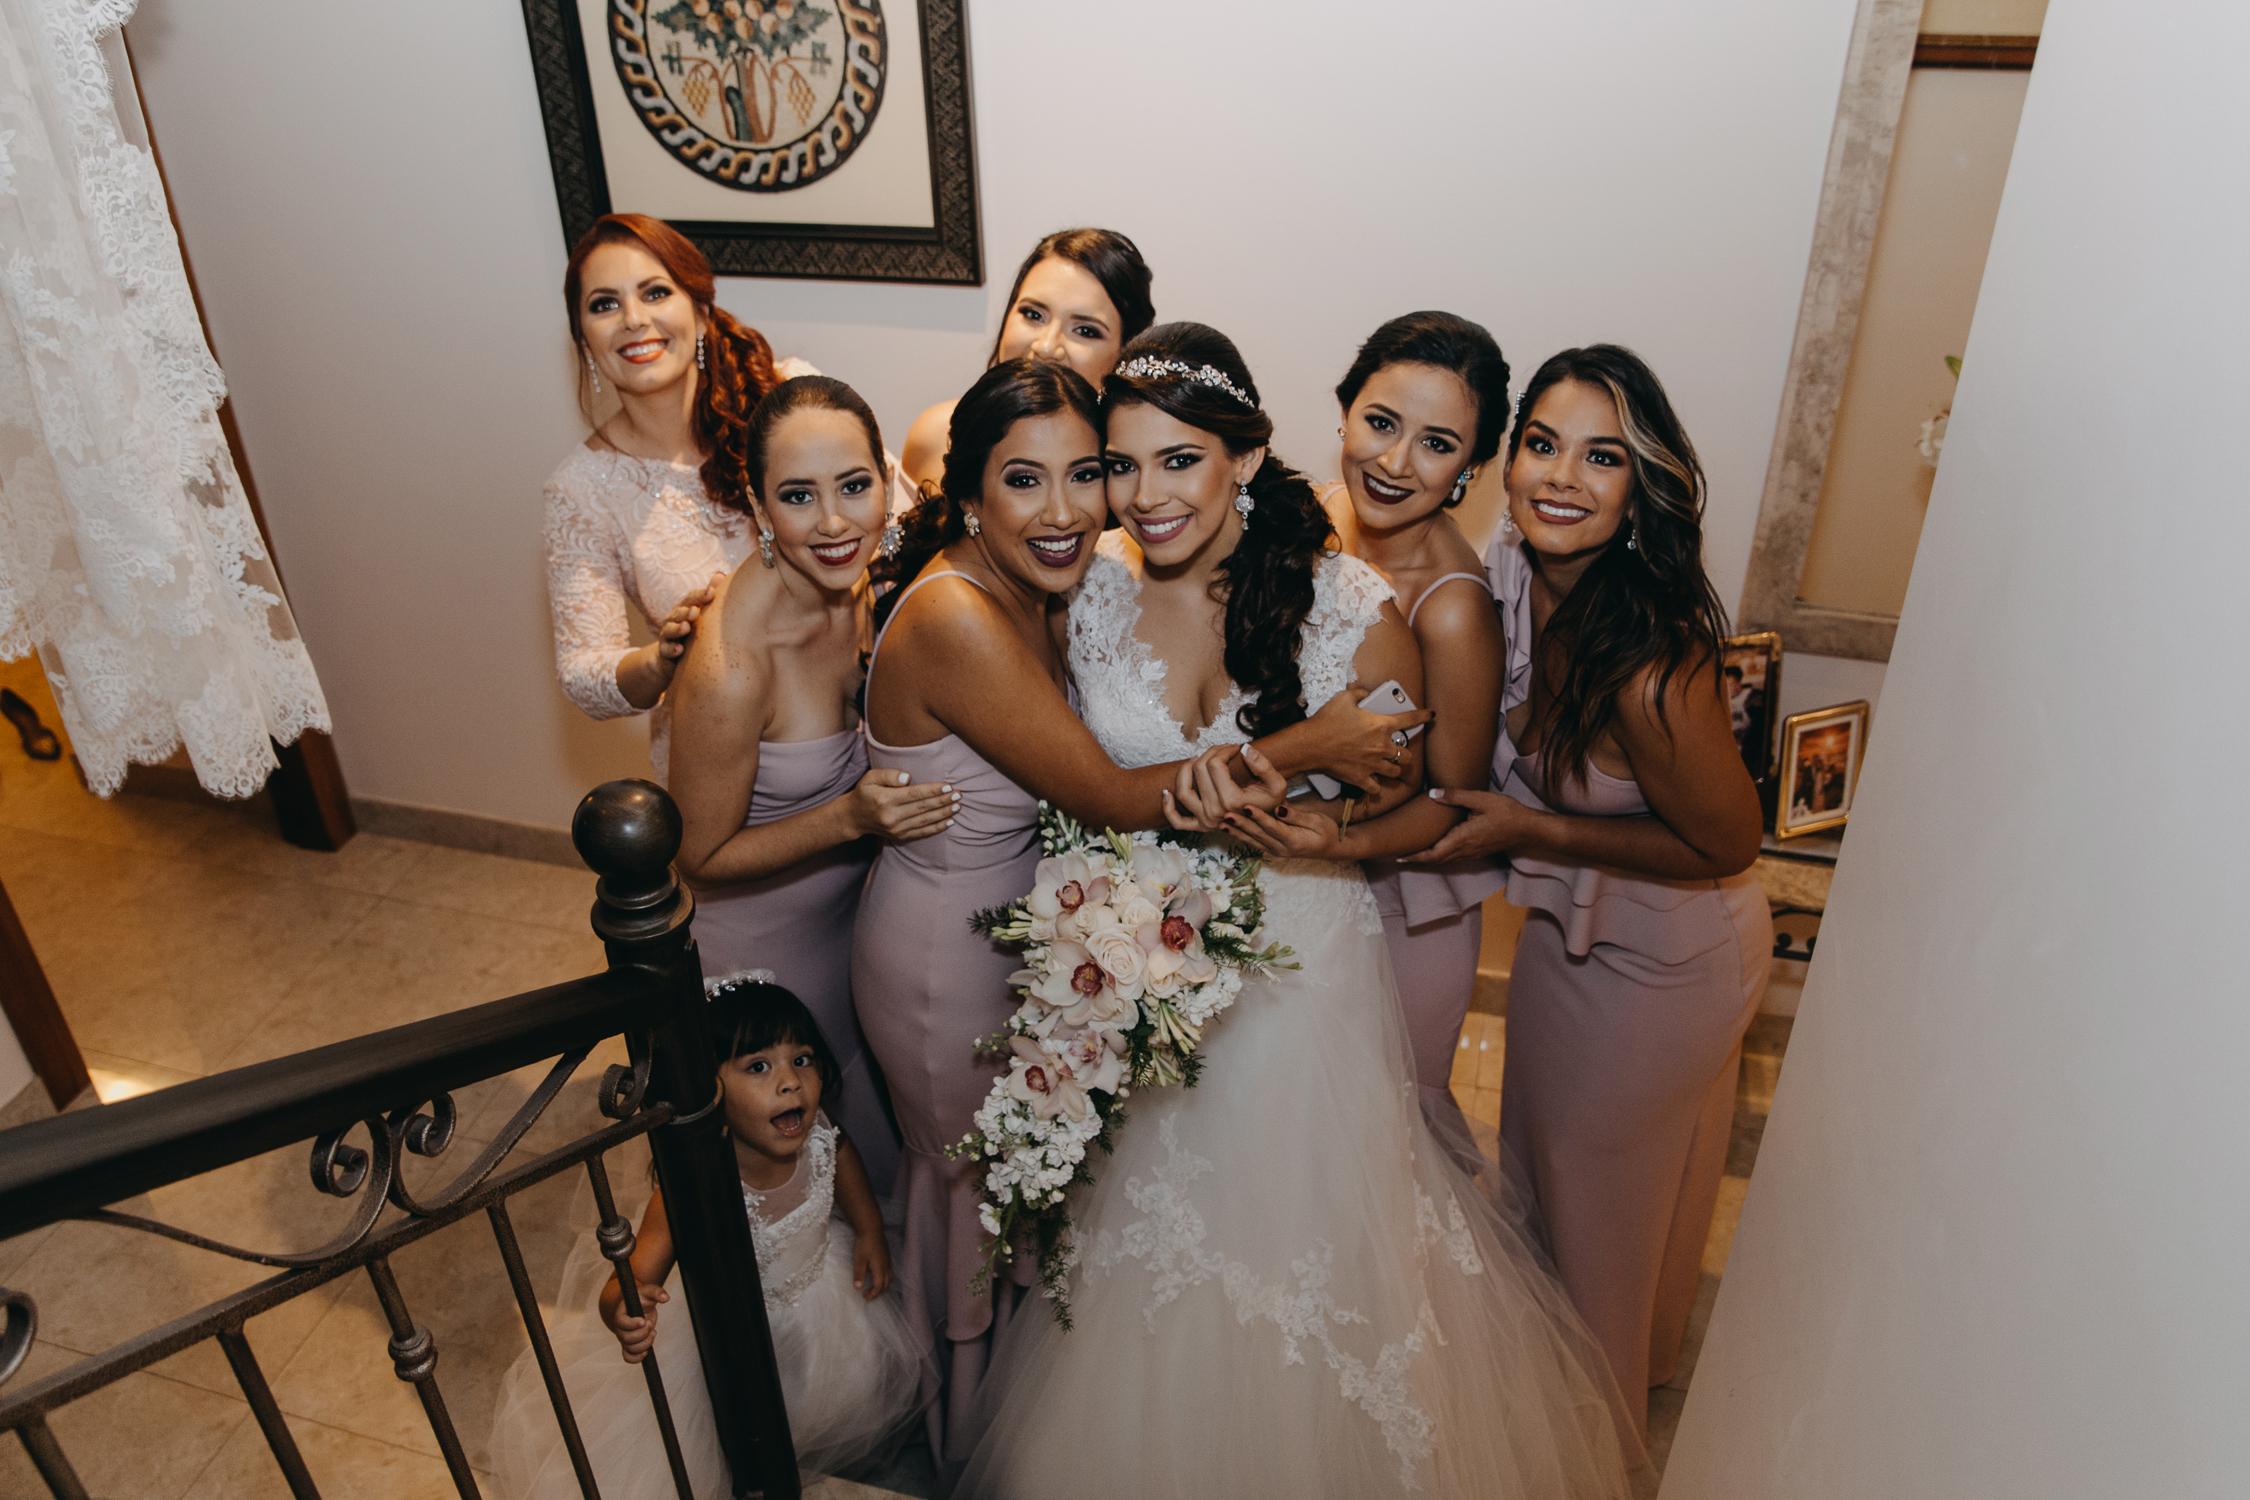 Michelle-Agurto-Fotografia-Bodas-Ecuador-Destination-Wedding-Photographer-Patricia-Guido-33.JPG